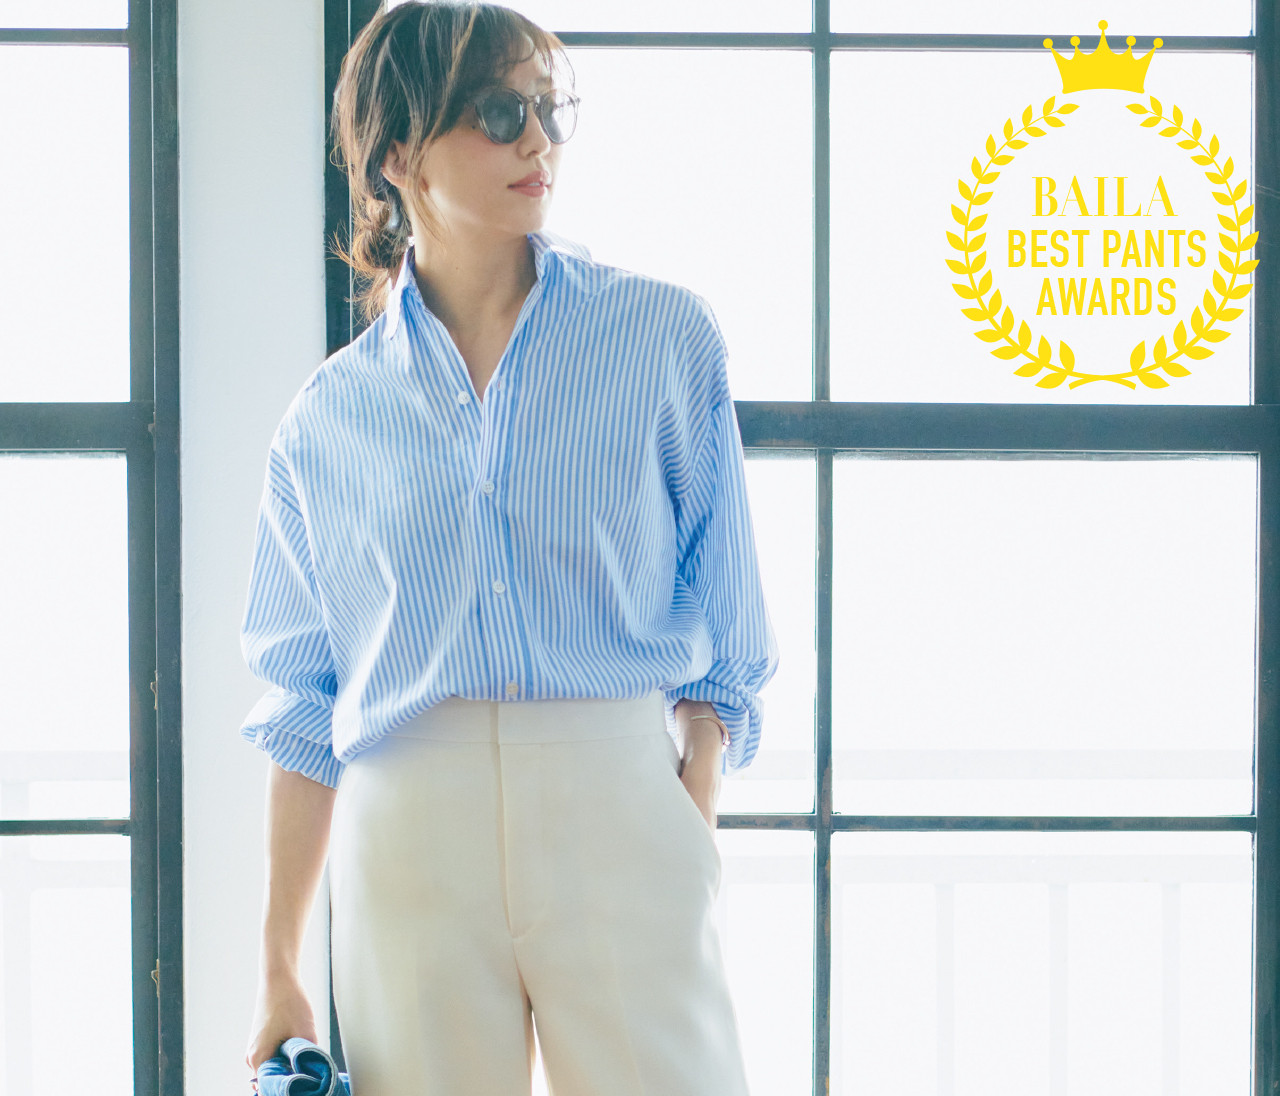 【2021年働く30代のパンツ大賞】楽して女っぽい、「美シルエットワイドパンツ大賞」はこの3本!